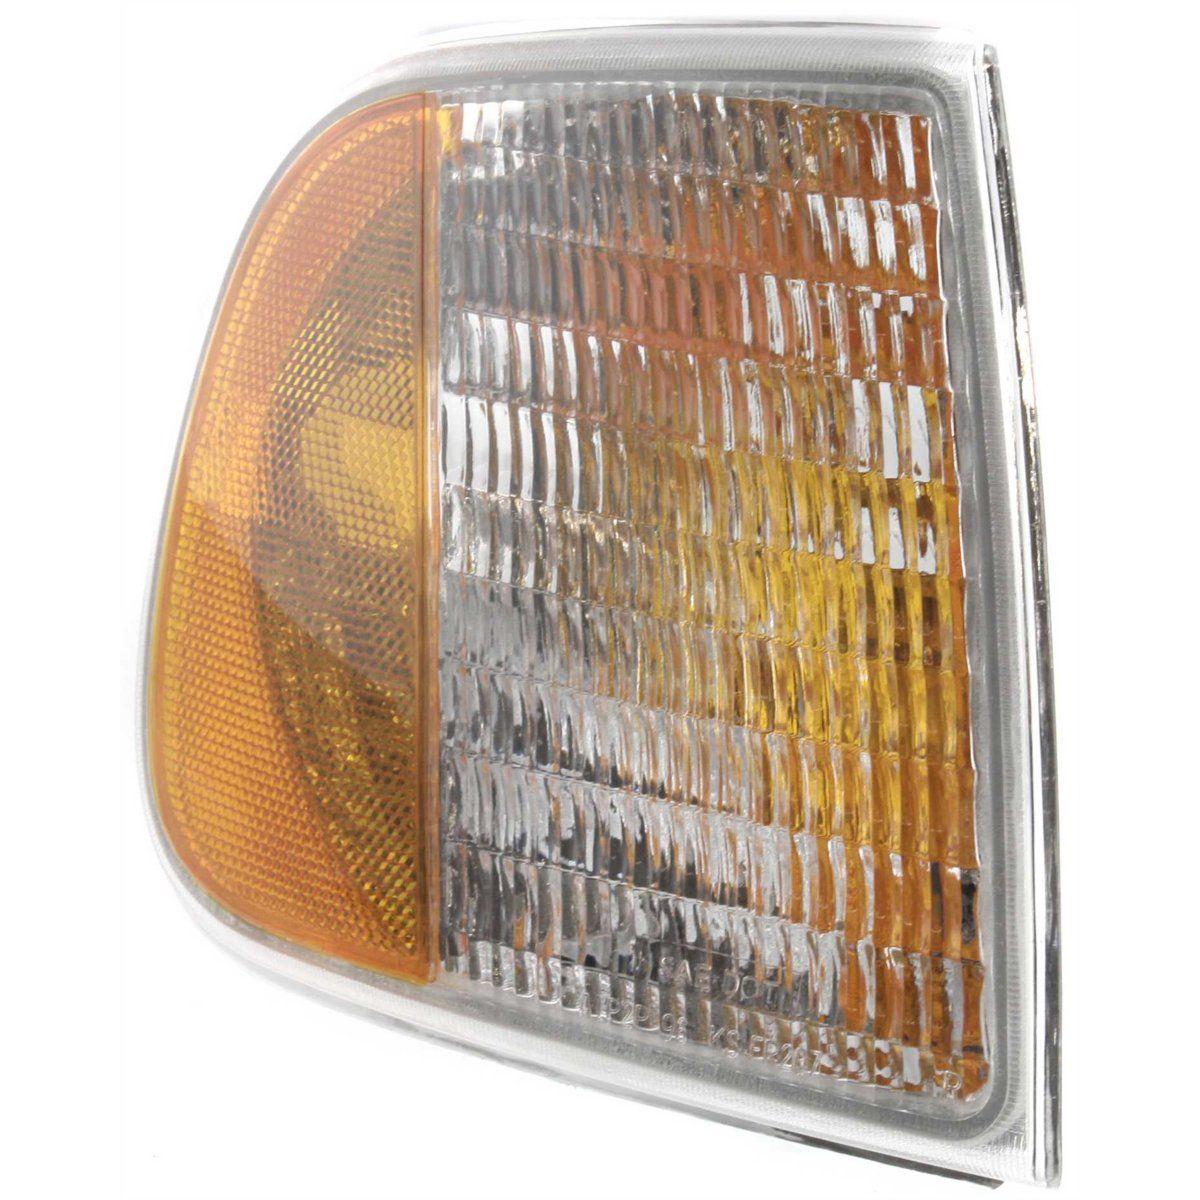 コーナーライト Corner Light For 97-2003 Ford F-150 97-99 F-250 Passenger Side Incandescent コーナーライトfor 97-2003 Ford F-150 97-99 F-250 Passenger Side白熱